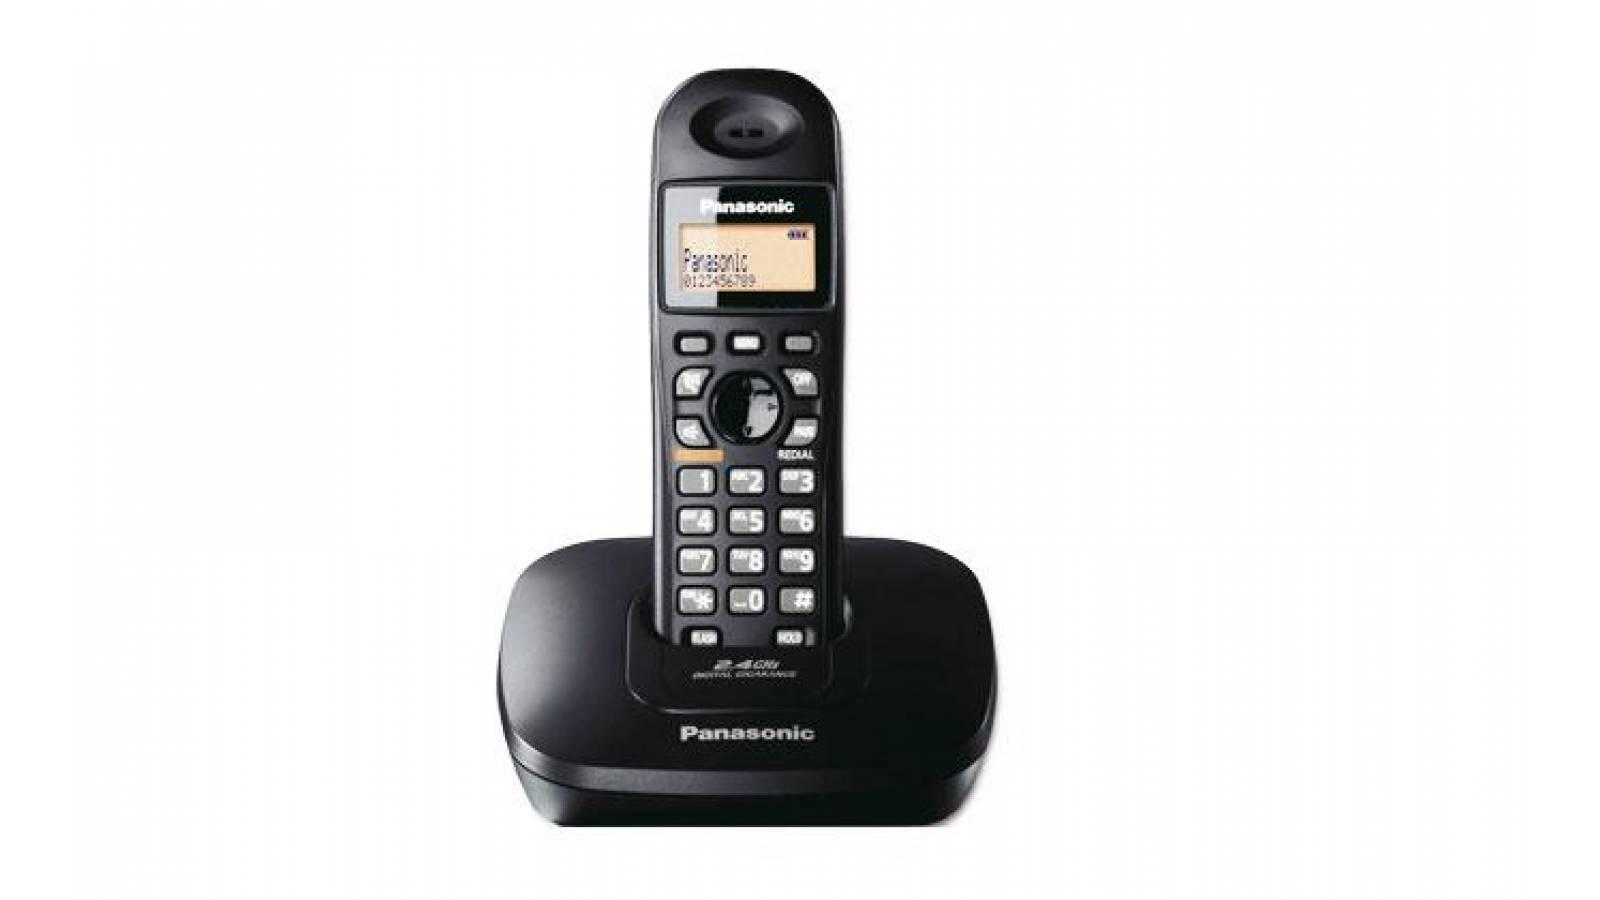 Teléfono Inalámbrico Panasonic KX-TG3611BXB Super Oferta